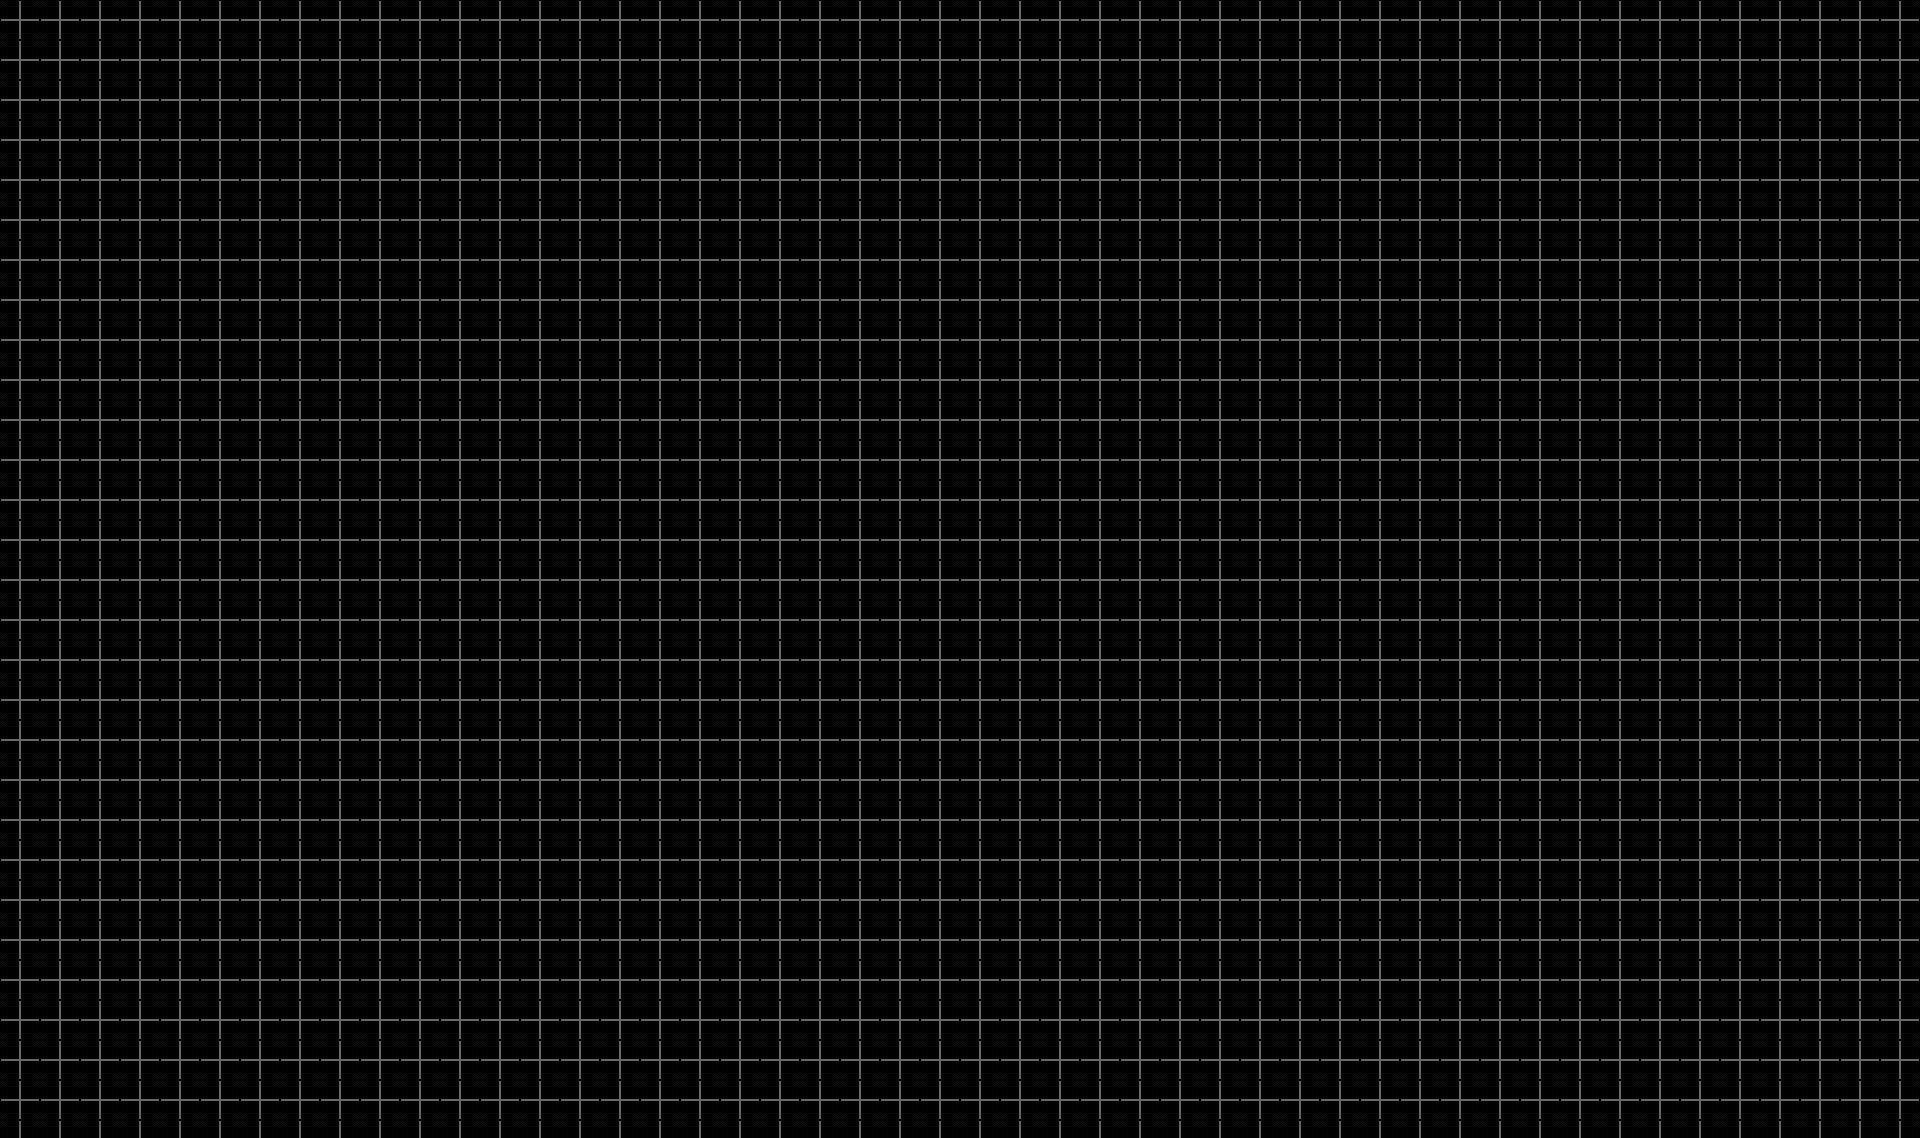 Best Of Aesthetic Dark Laptop Wallpaper Tumblr Images In 2020 Desktop Wallpaper Macbook Laptop Wallpaper Twitter Header Aesthetic